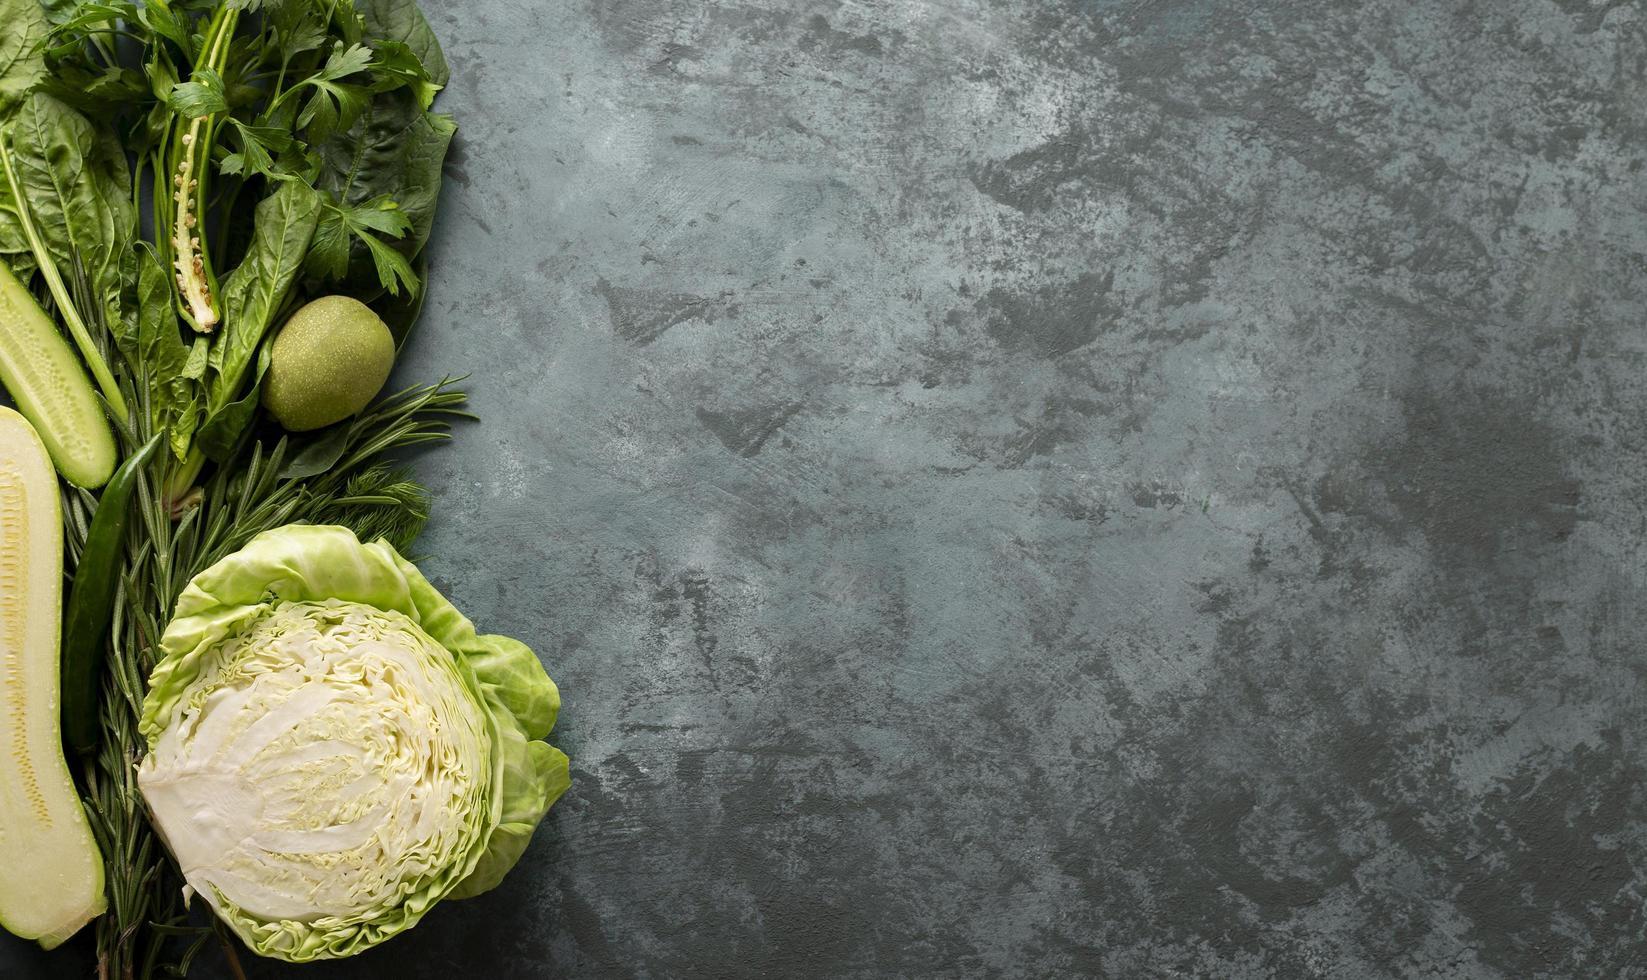 verduras verdes sobre hormigón foto